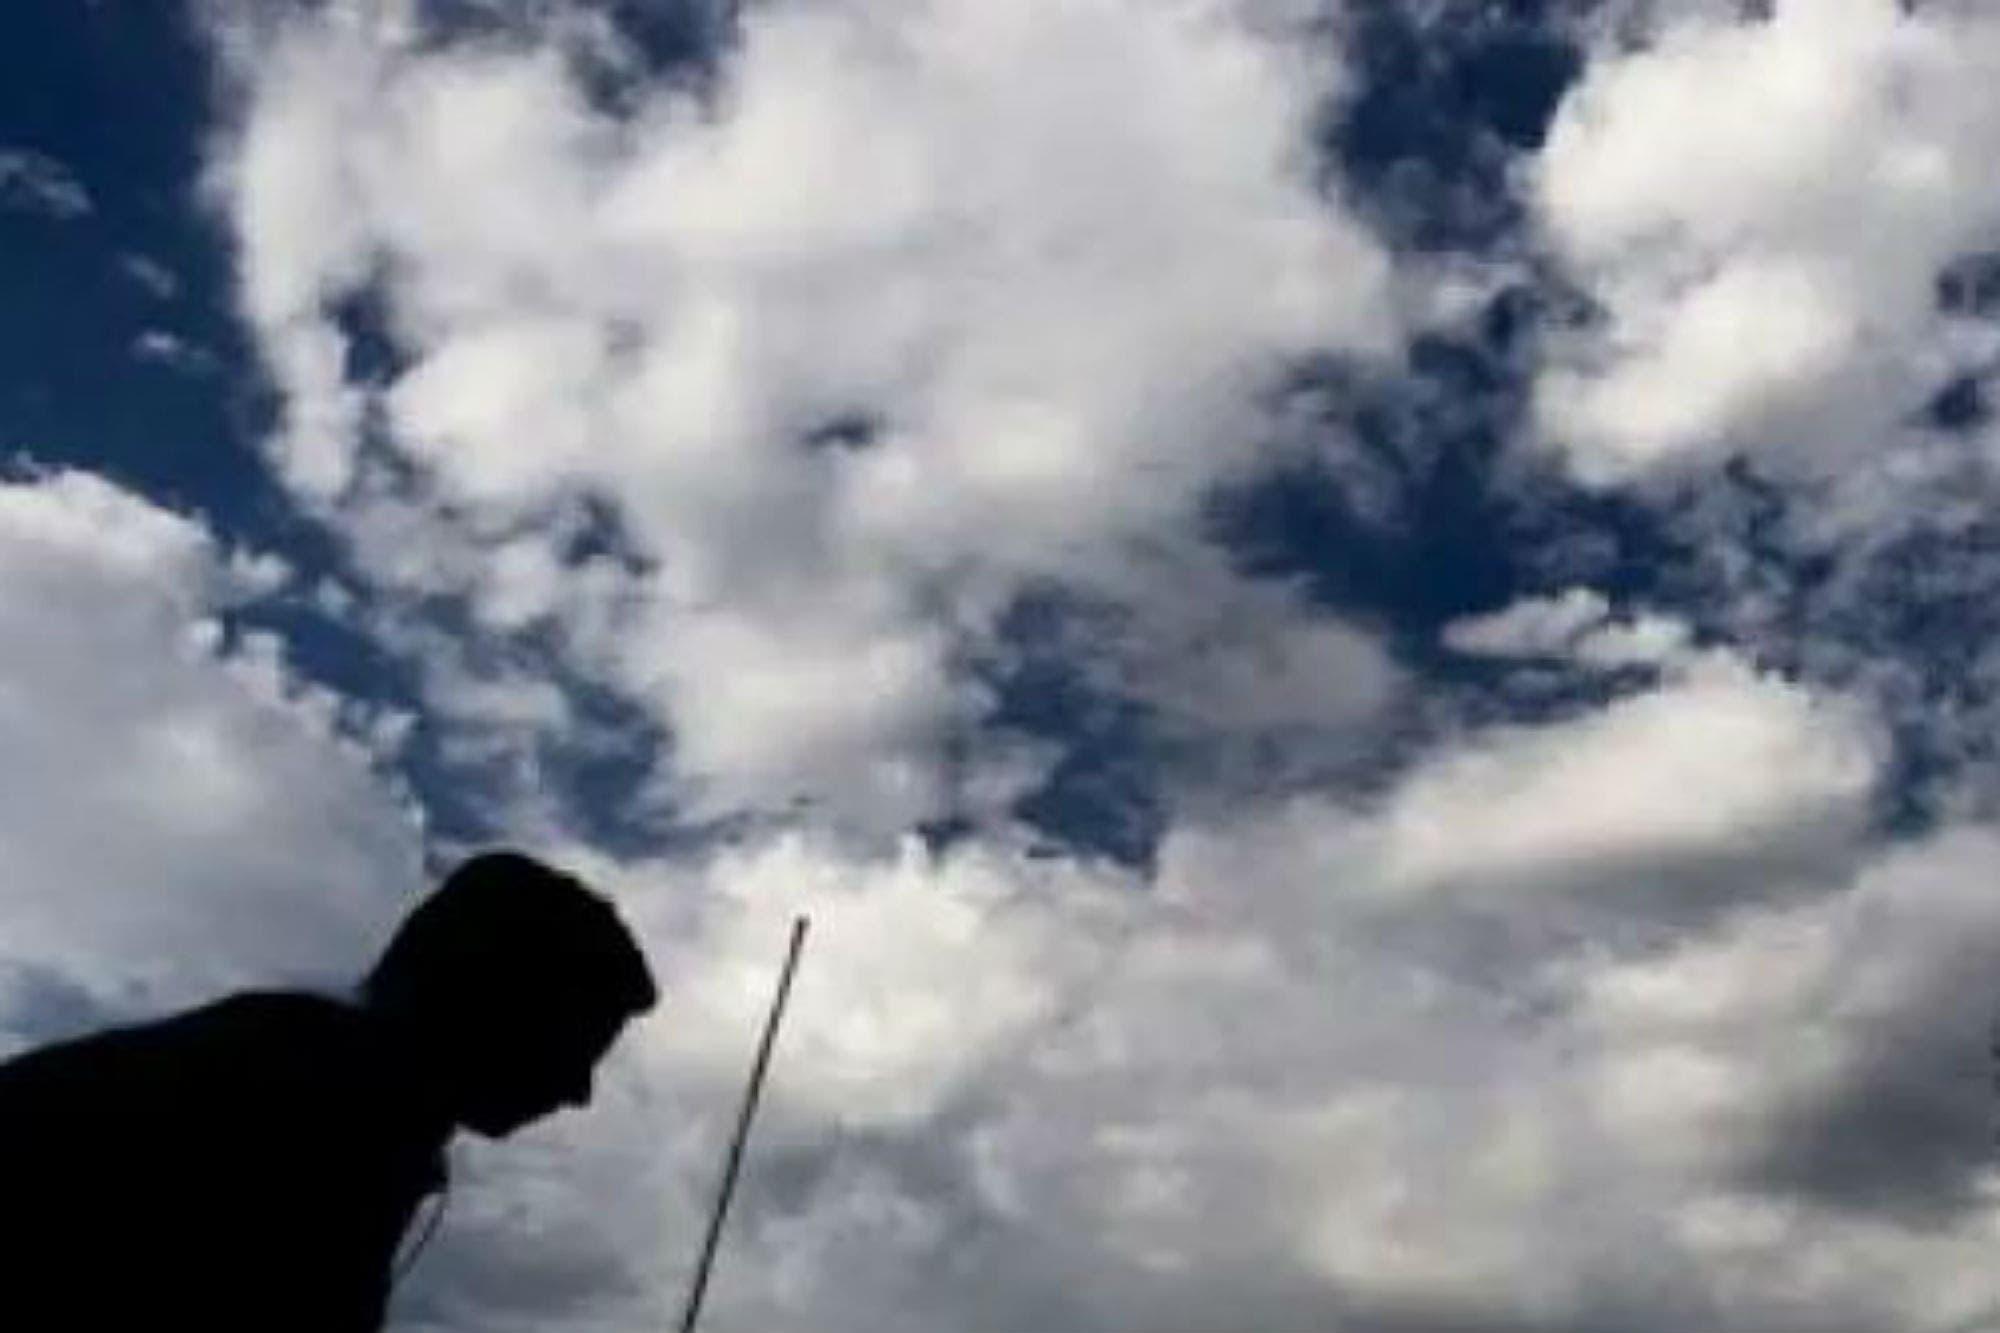 Clima en Buenos Aires: cuál es el pronóstico del tiempo para hoy, 23 de noviembre